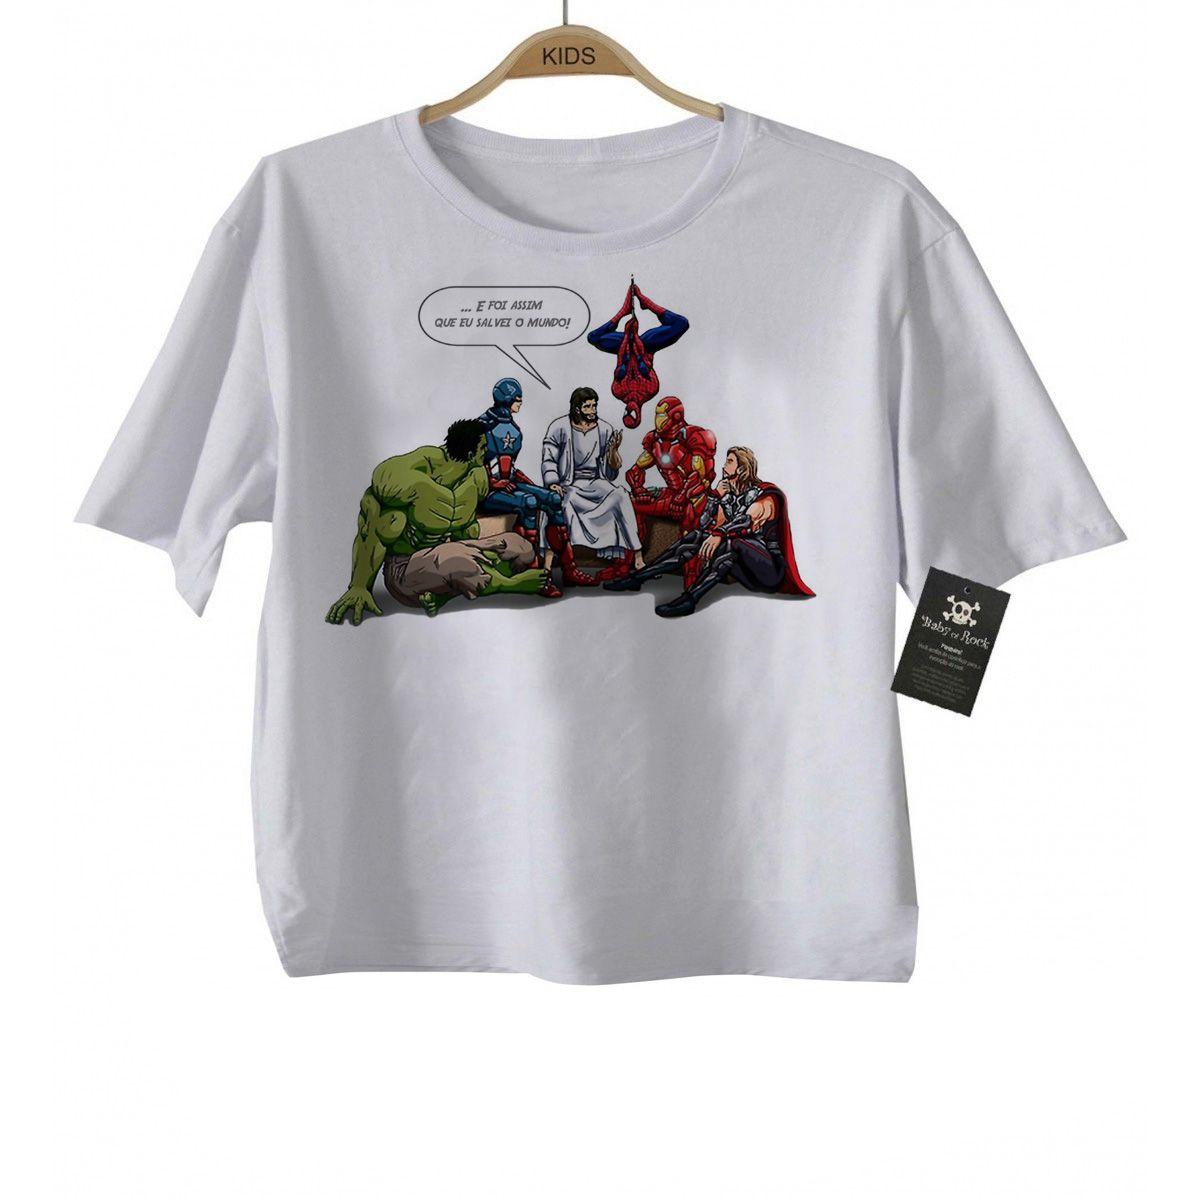 Camiseta Body Bebe Jesus e os Vingadores  - White  - Baby Monster S/A